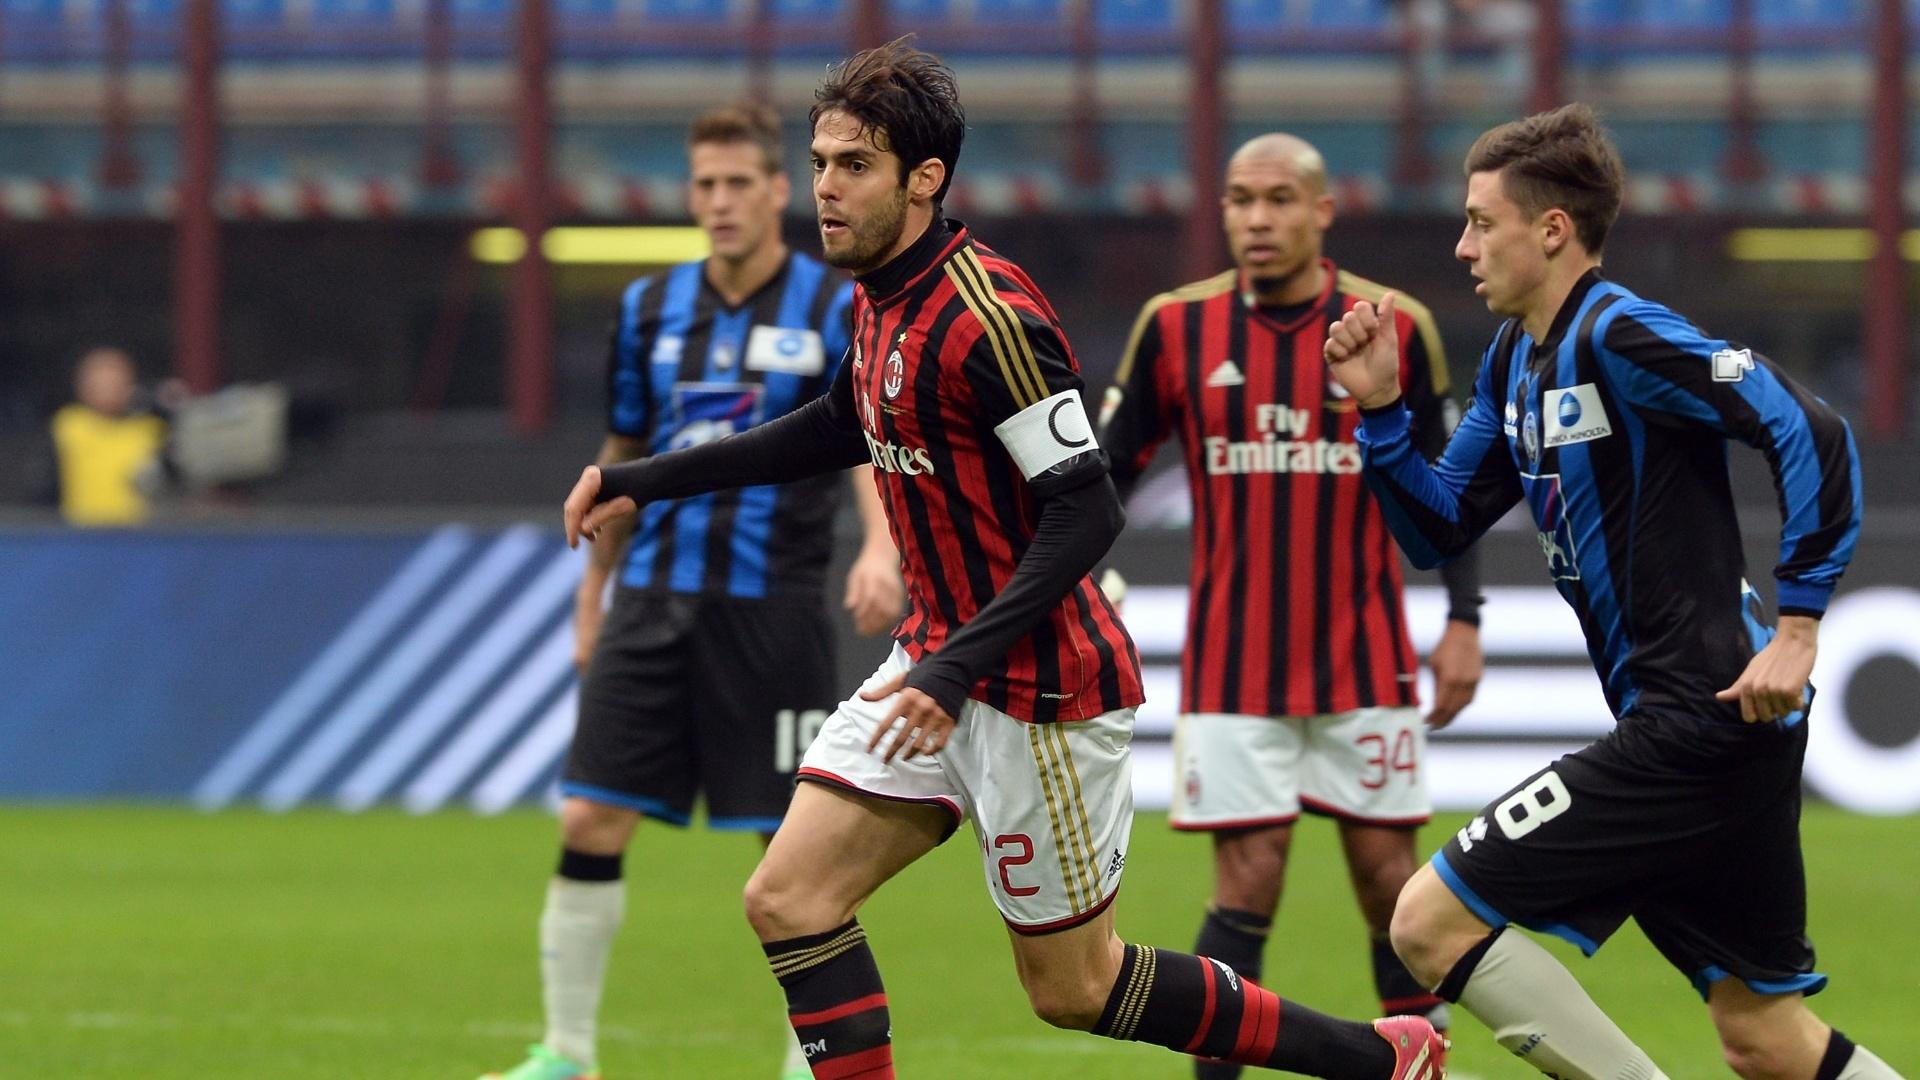 6.jan.2014 - Kaká conduz a bola enquanto é marcado de perto por jogador do Atalanta em partida válida pelo Campeonato Italiano